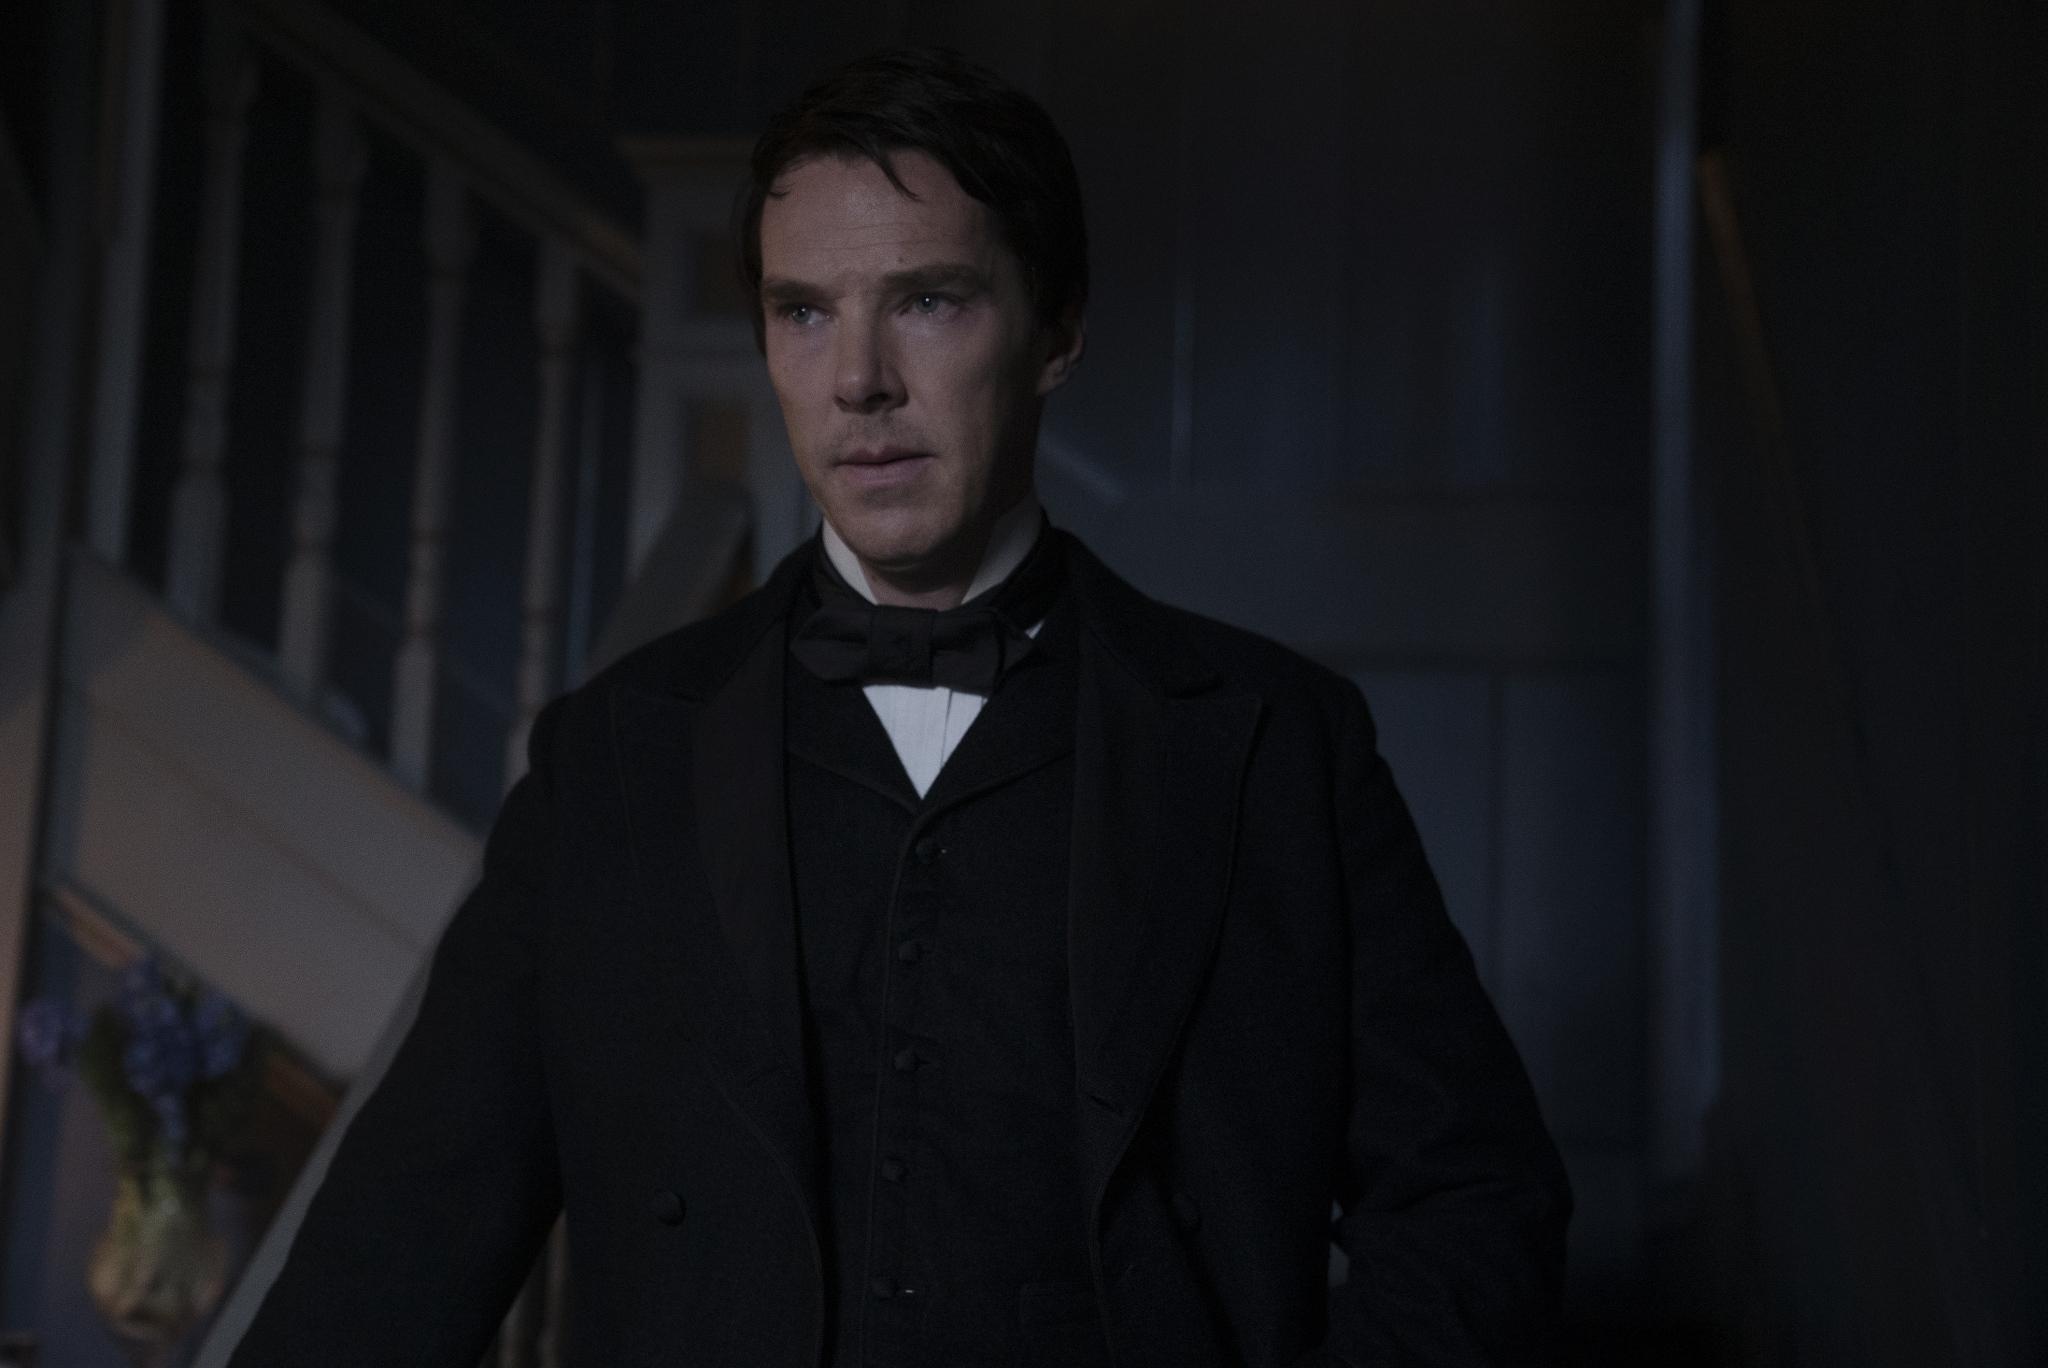 Benedict Cumberbatch'in Thomas Edison Olduğu İlk Görsel